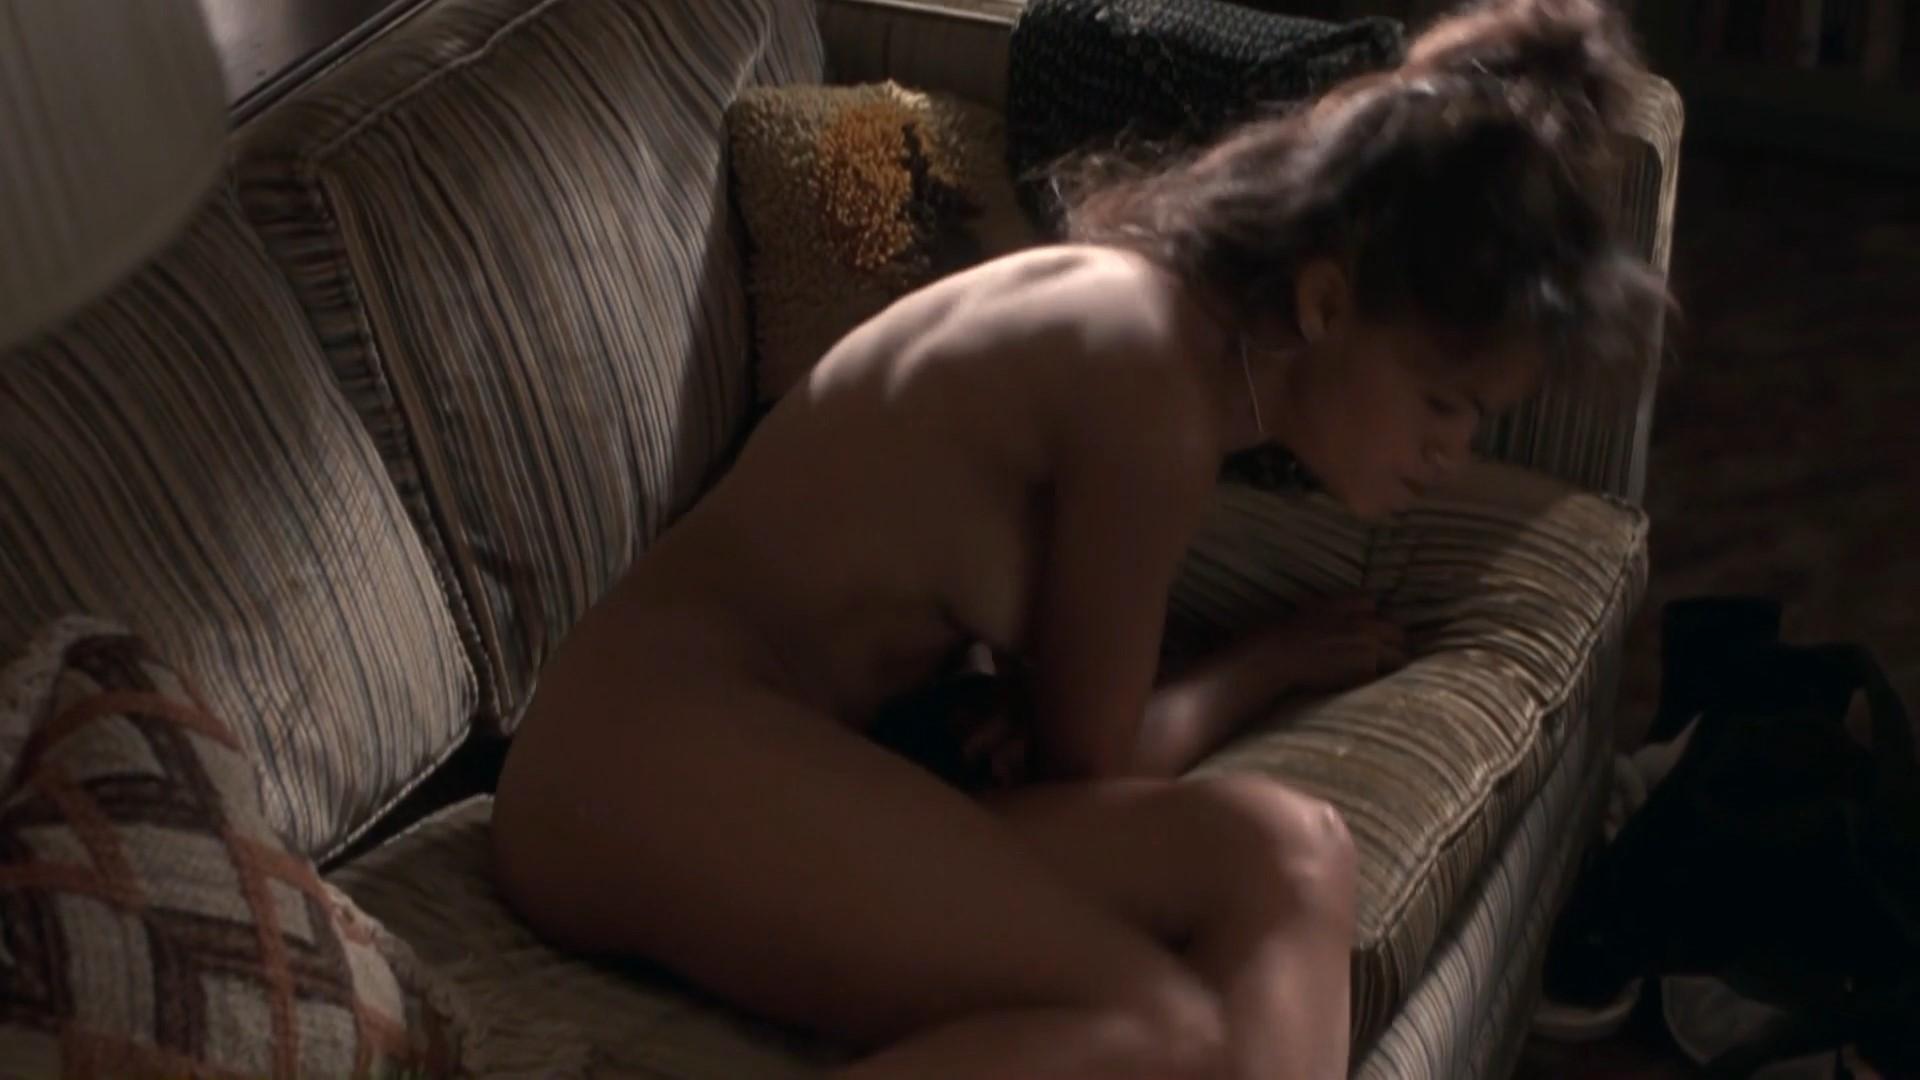 Karina arroyave nude яблочко